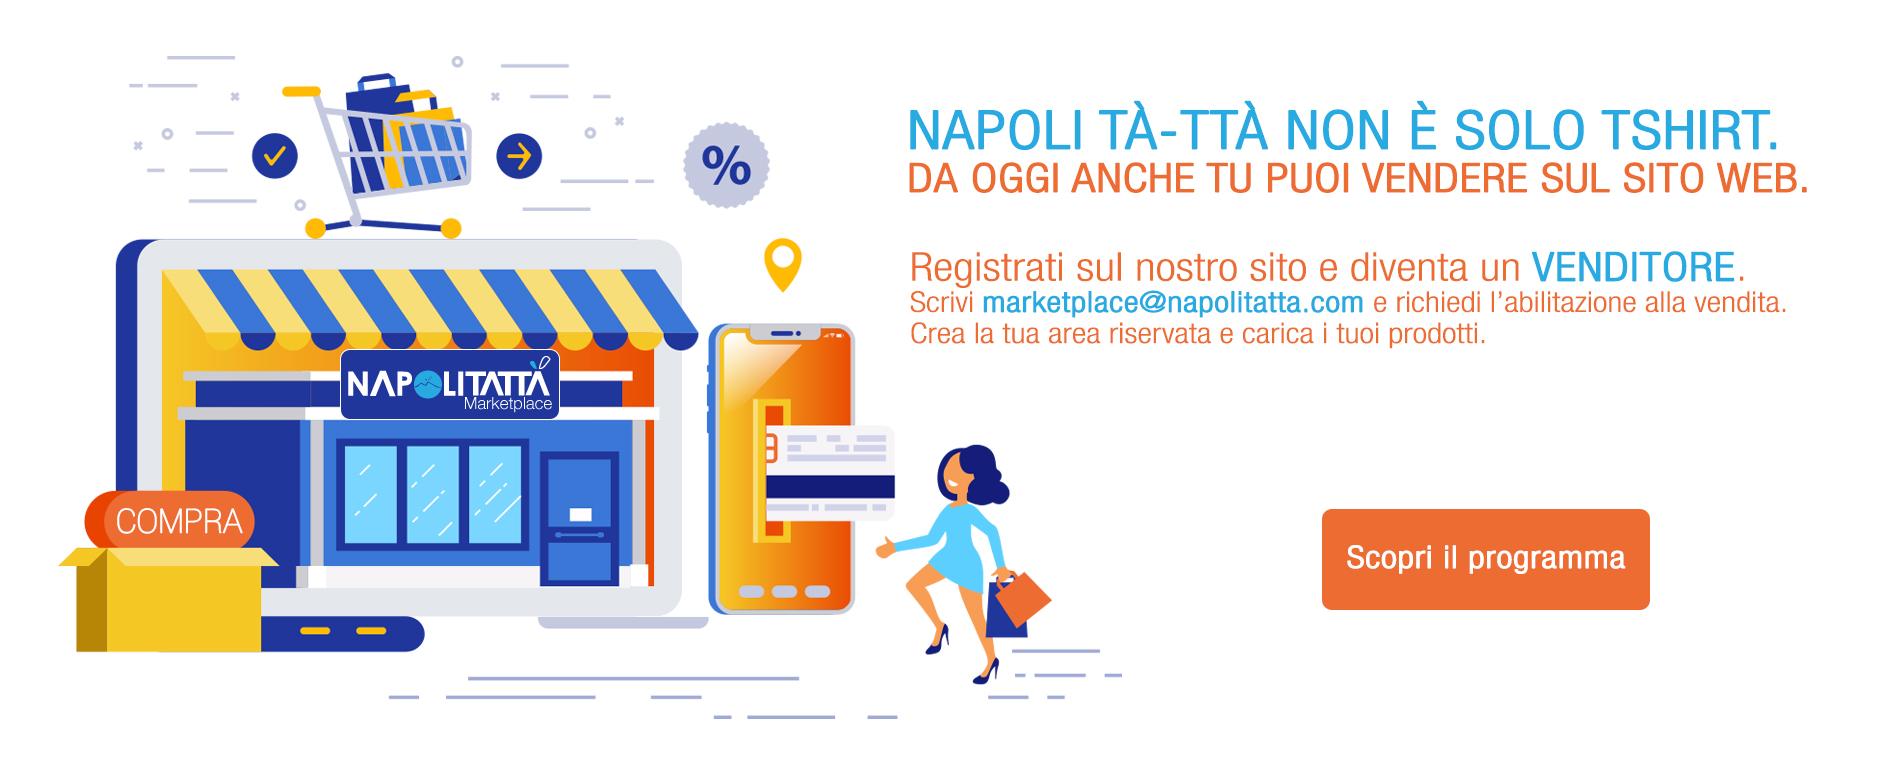 Inizia subito a vendere con Napoli Tà-Ttà!